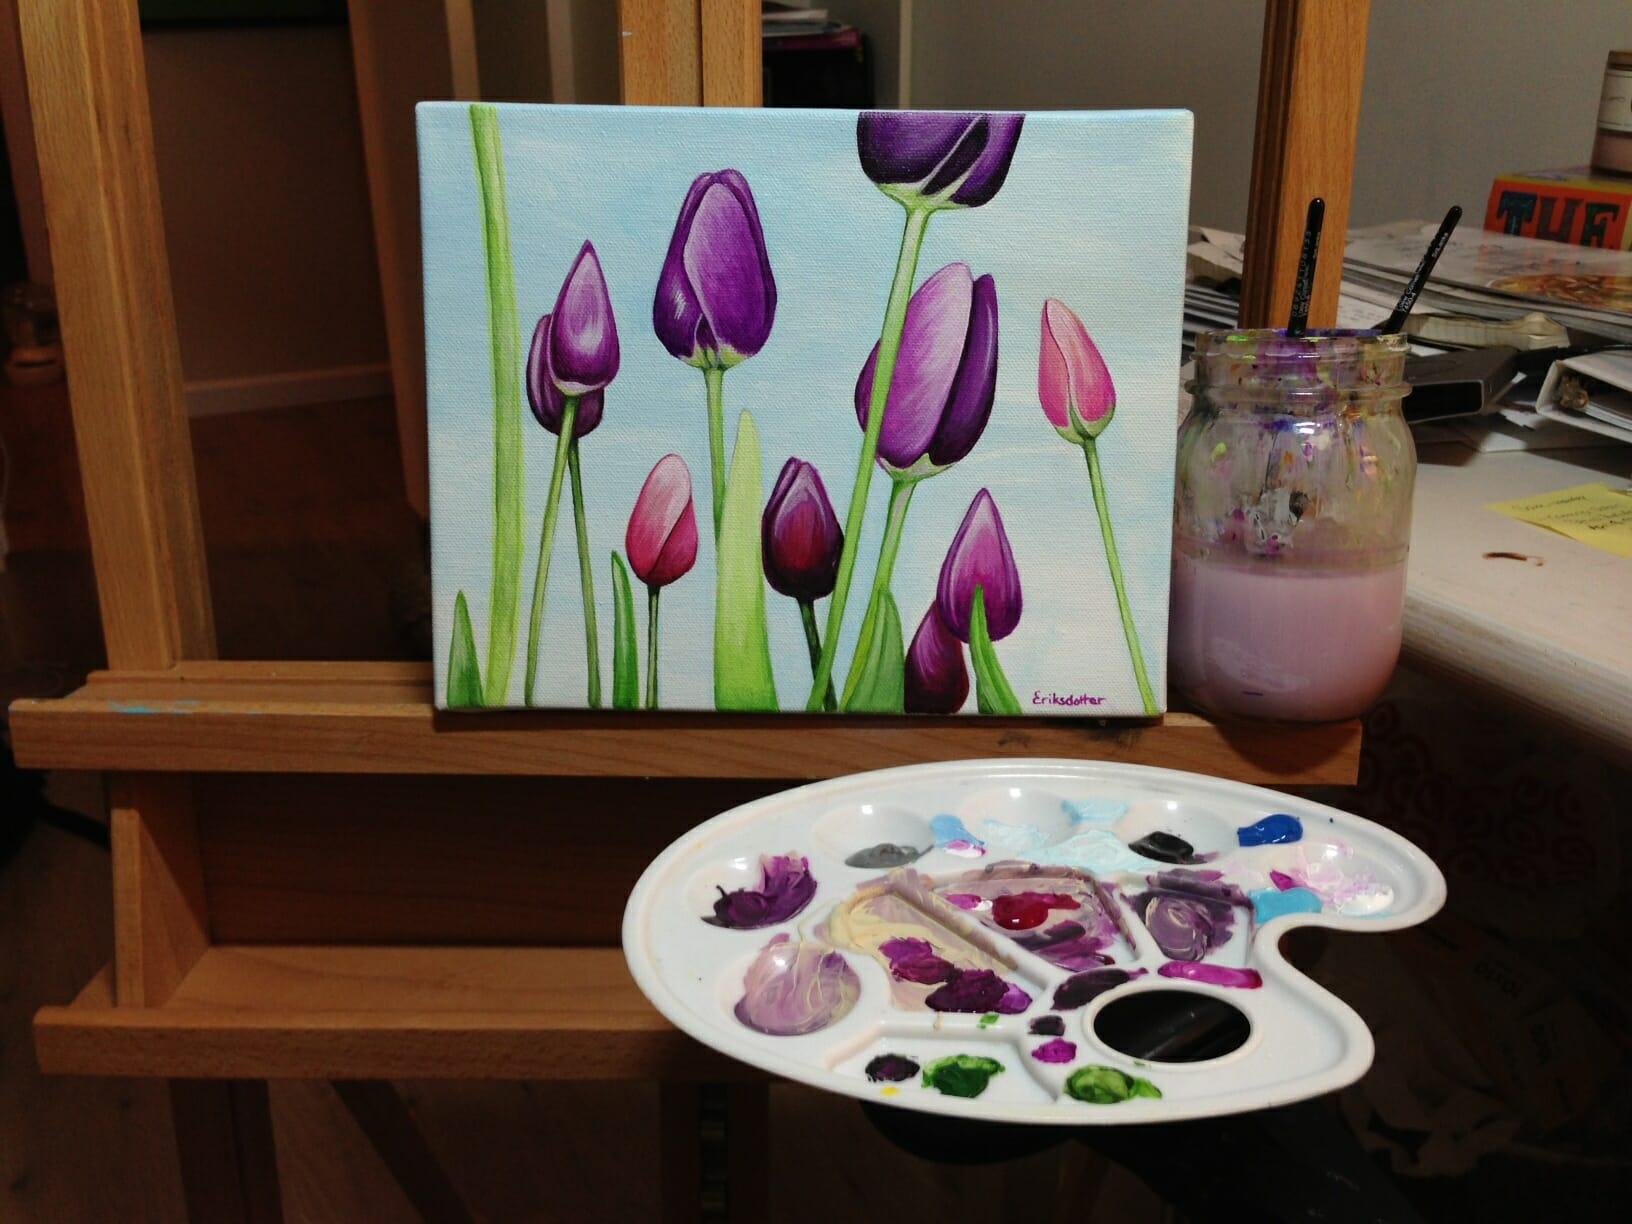 Field of Tulips - in progress on easel